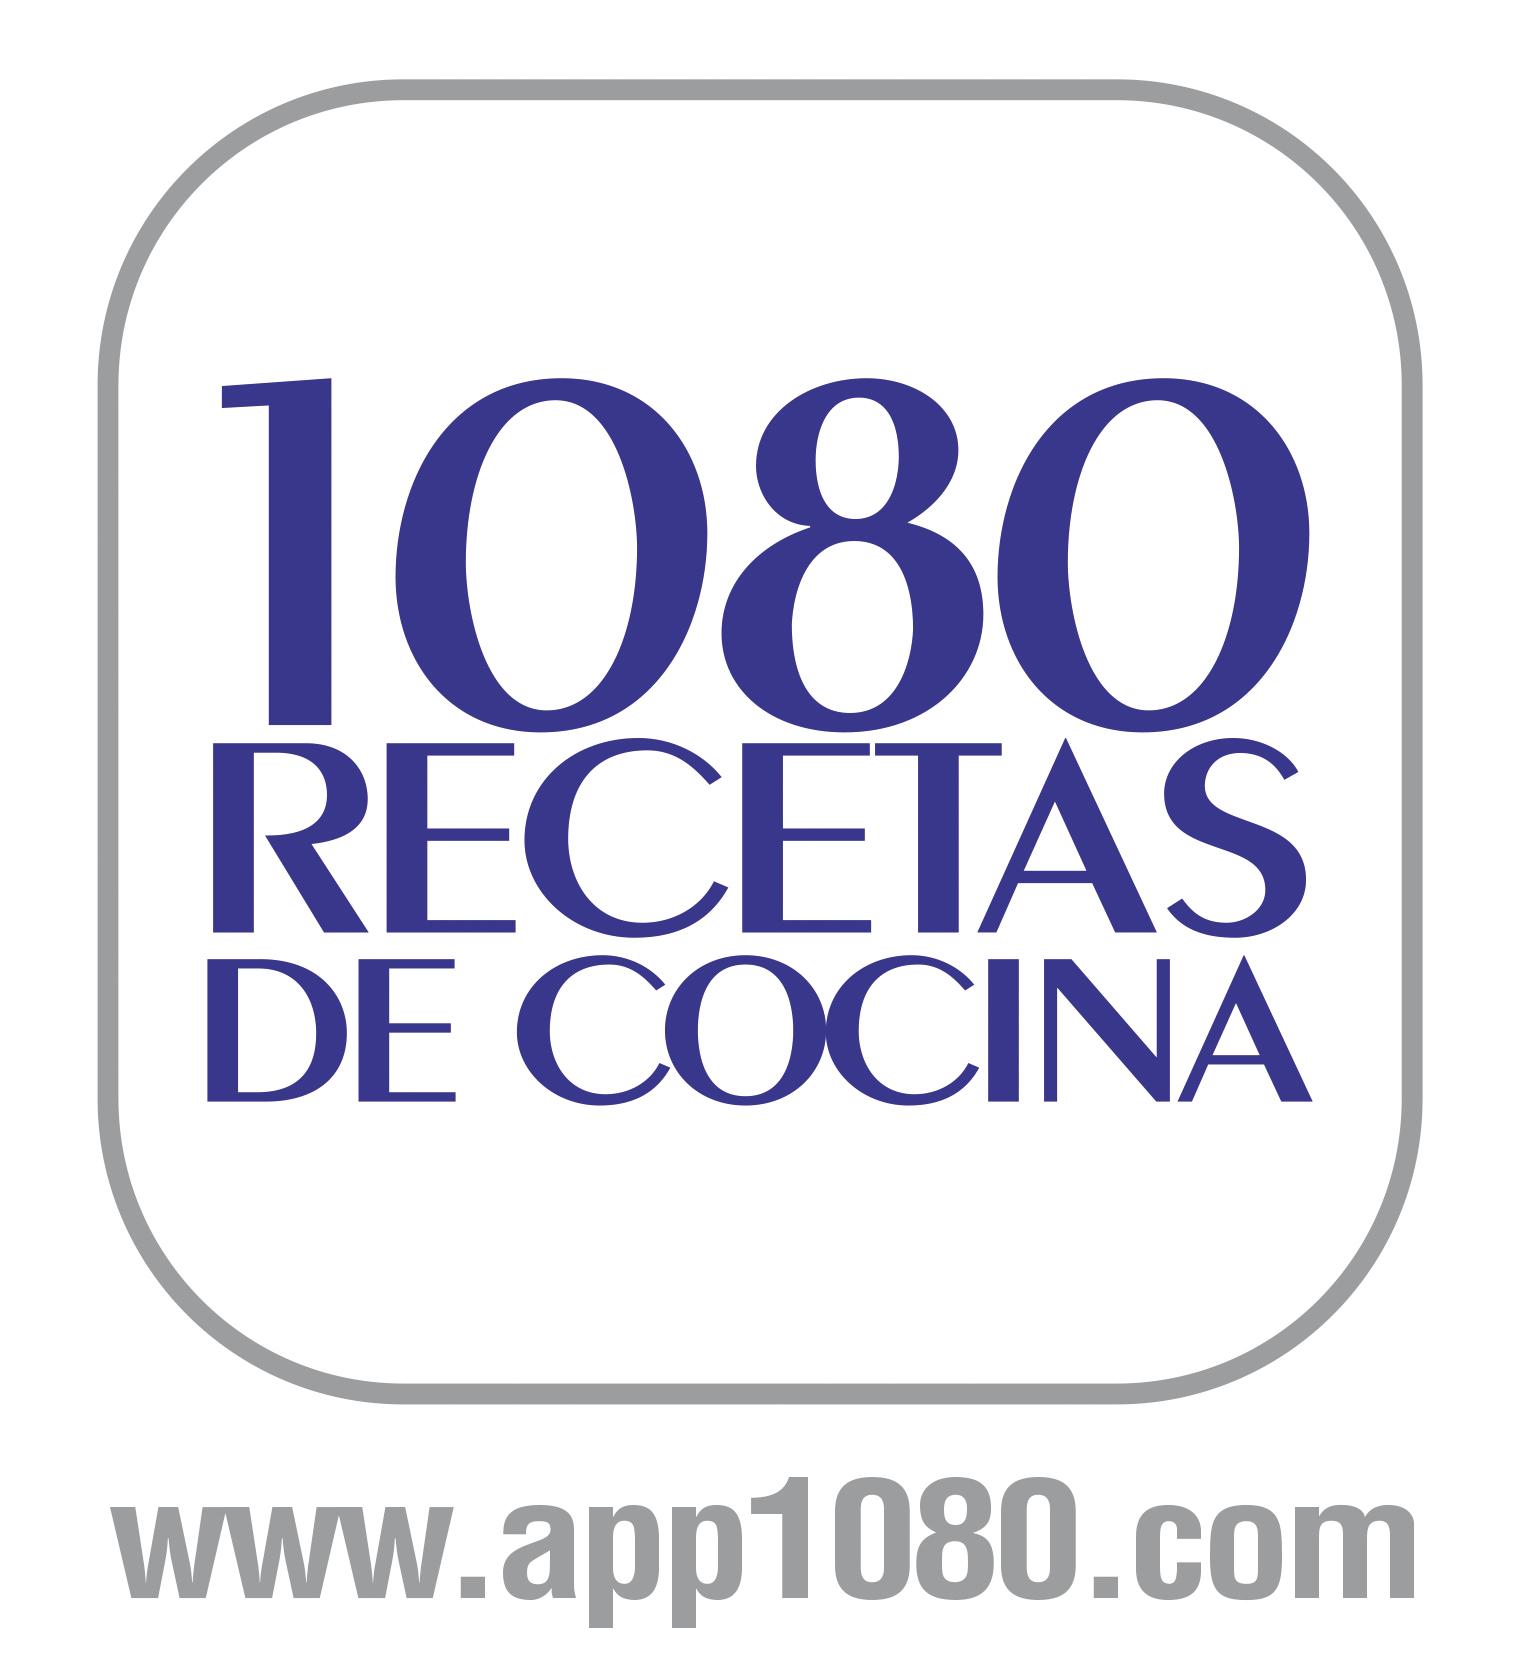 logo_1080recetas